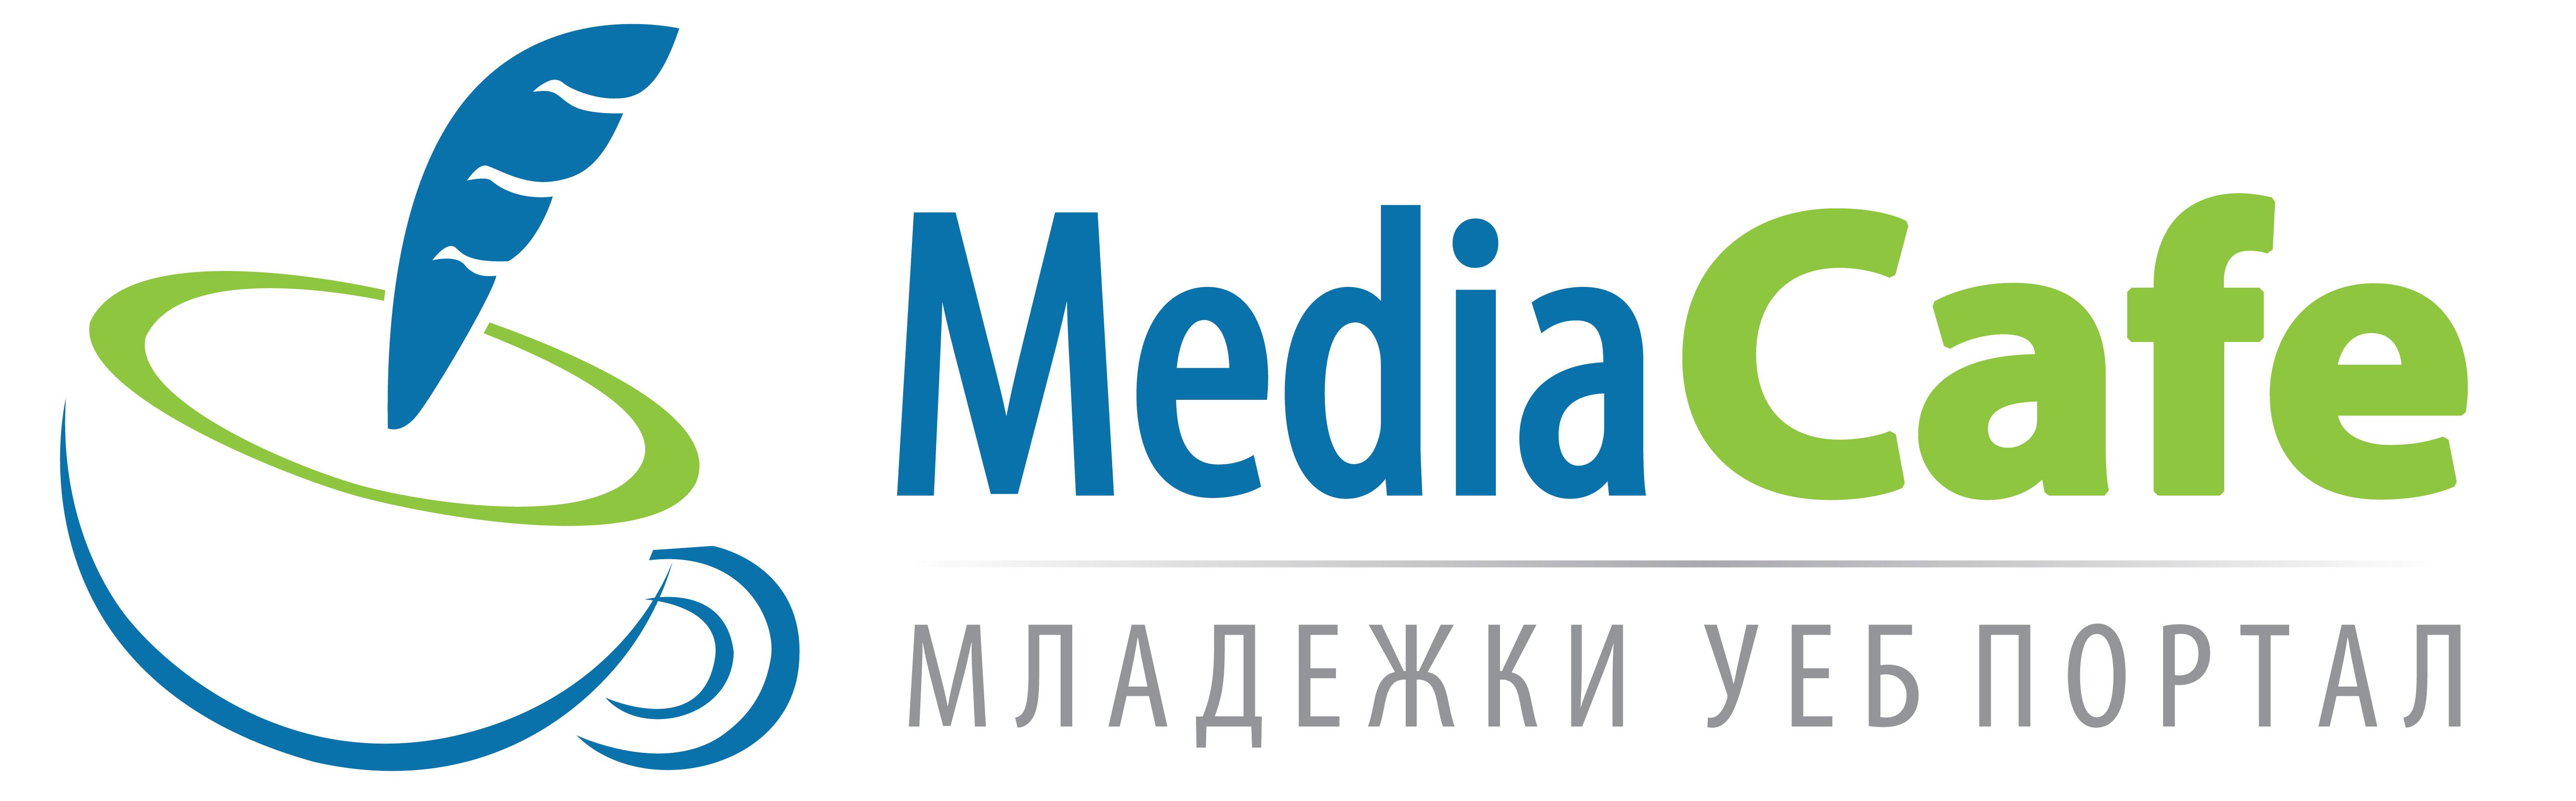 logo_Mediacafe